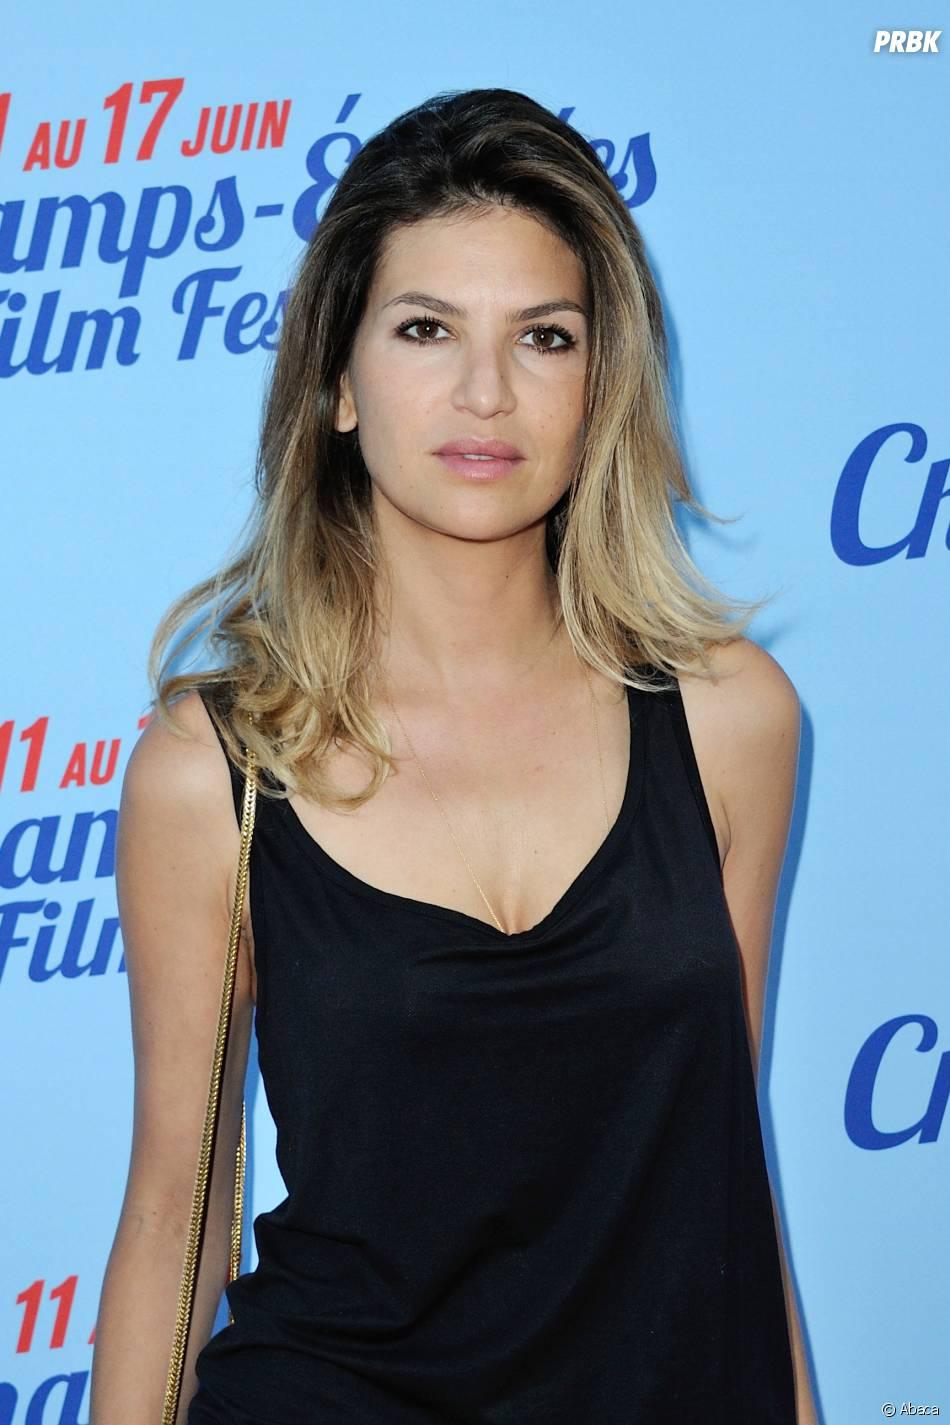 Isabelle Funaro à la première de Fast Life, pendant le Festival du film des Champs Elysées, le 11 juin 2014 à Paris